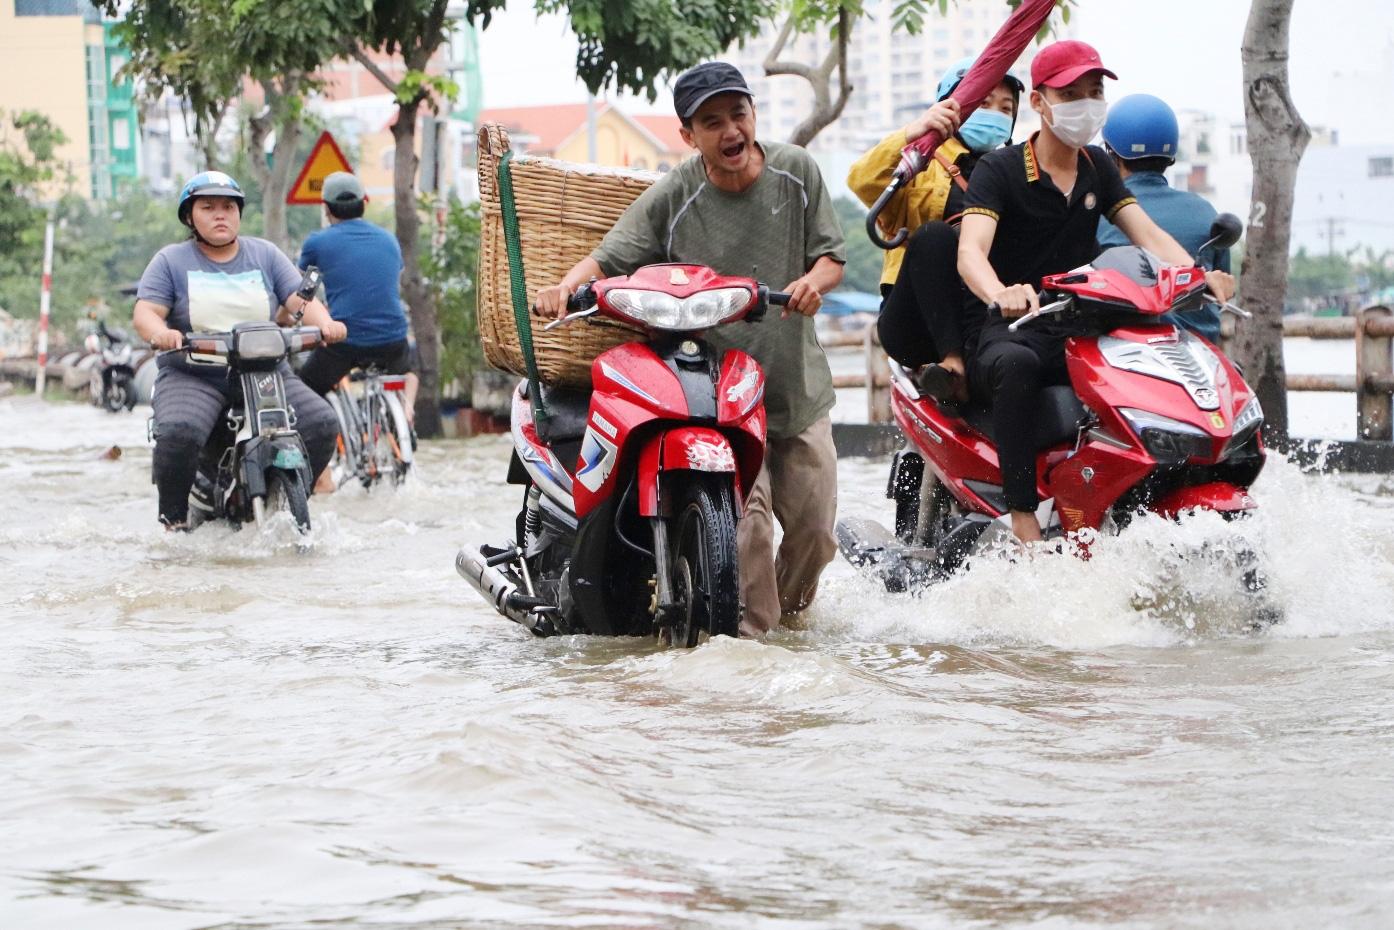 Hết dầm mưa liên tiếp, dân Sài Gòn lại khốn khổ vì triều cường đạt đỉnh, bì bõm dắt xe qua đường ngập - Ảnh 5.